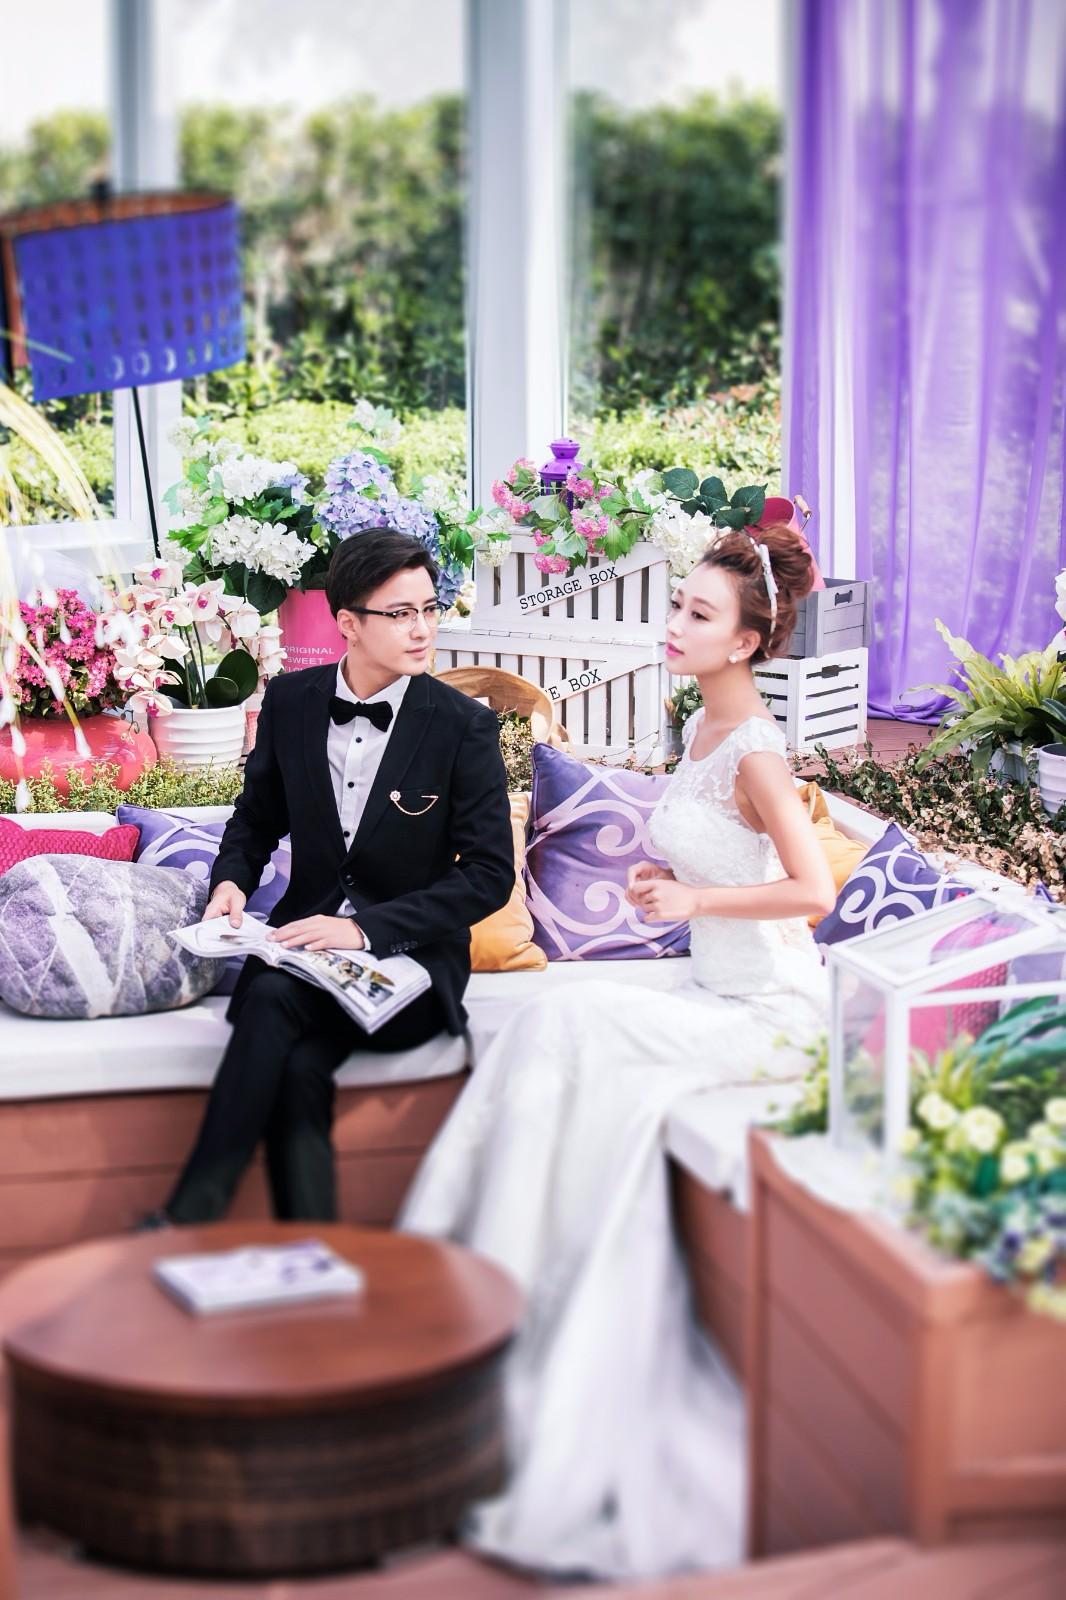 朋友结婚祝福语,最真挚祝福就是希望他们一直幸福